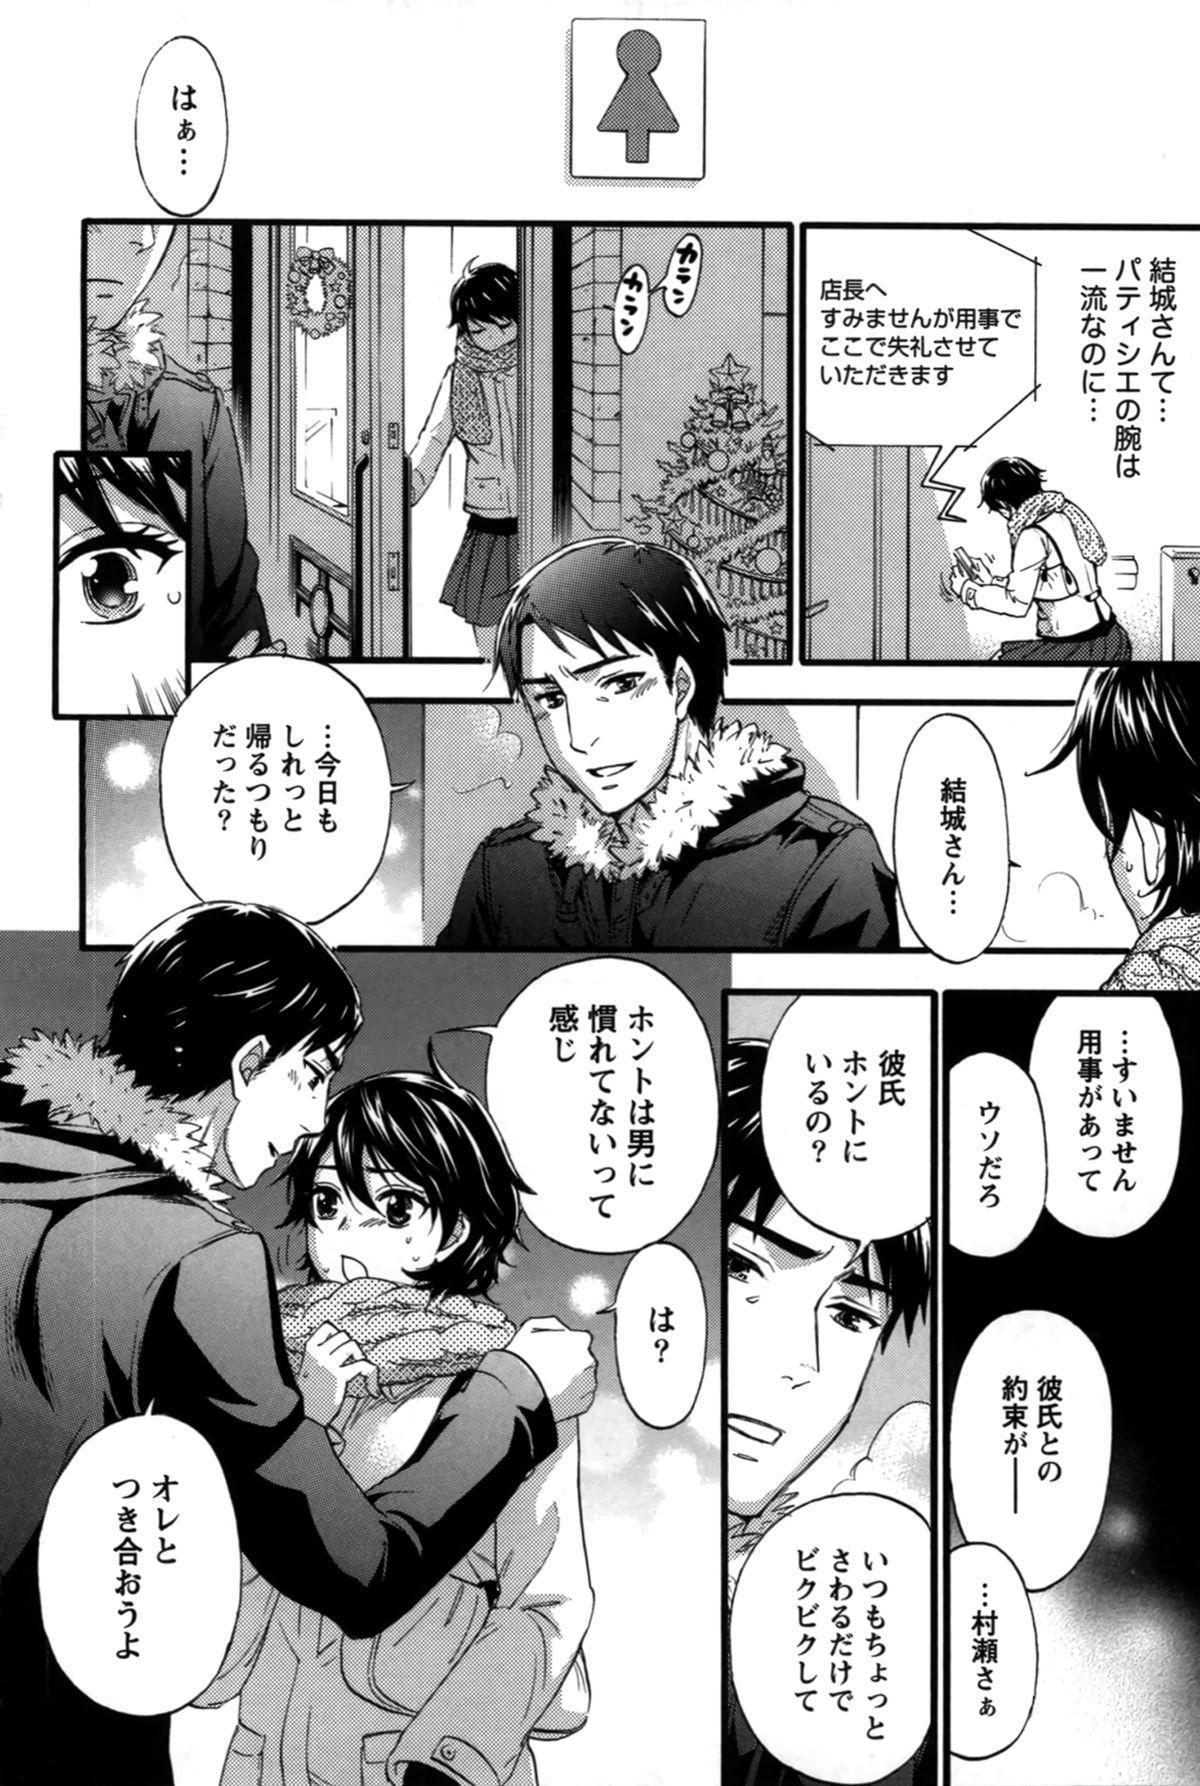 Anata to Watashi wa Warukunai 110